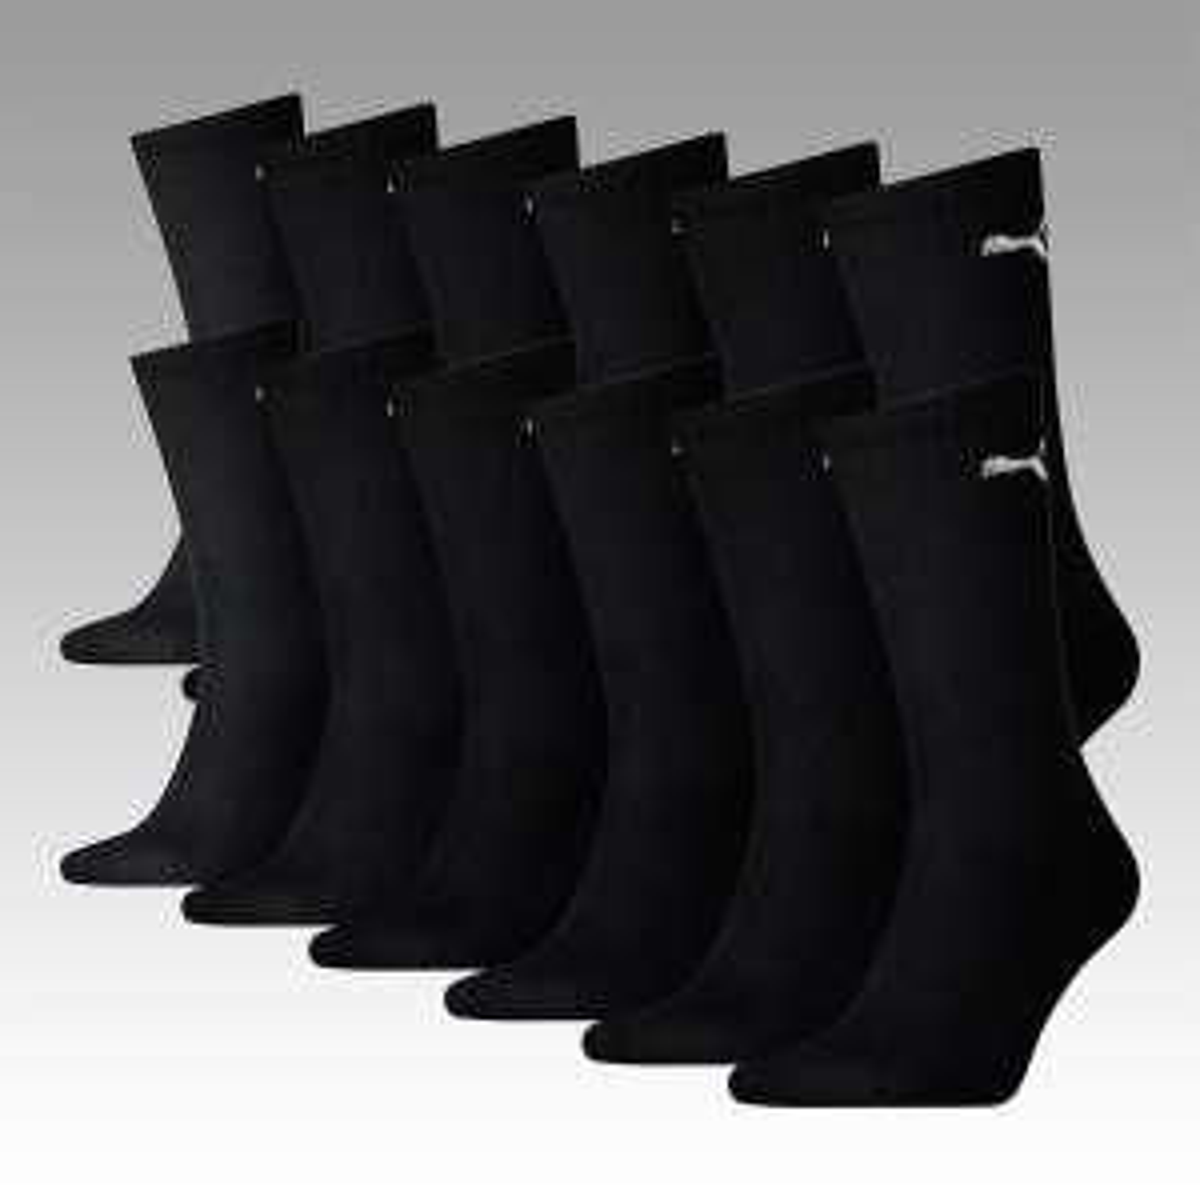 Socken 12er Pack Puma Crew verschiedene Farben für 19,95 € [allstar-sport]